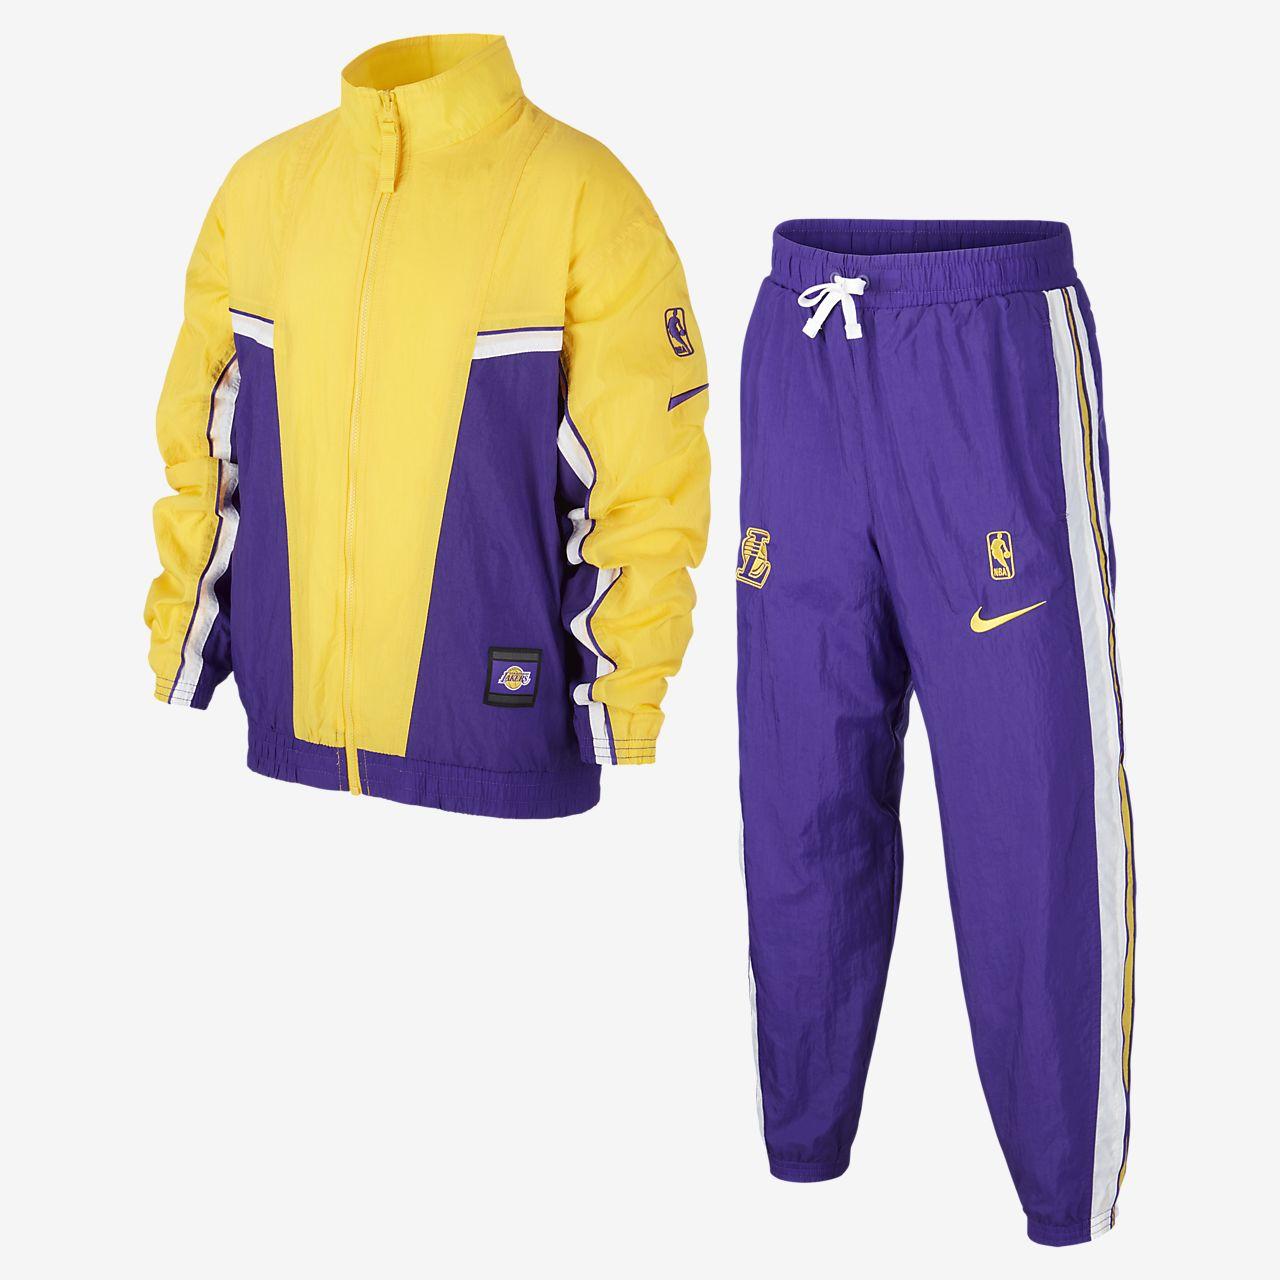 Lakers City Edition Courtside NBA Trainingsanzug für ältere Kinder